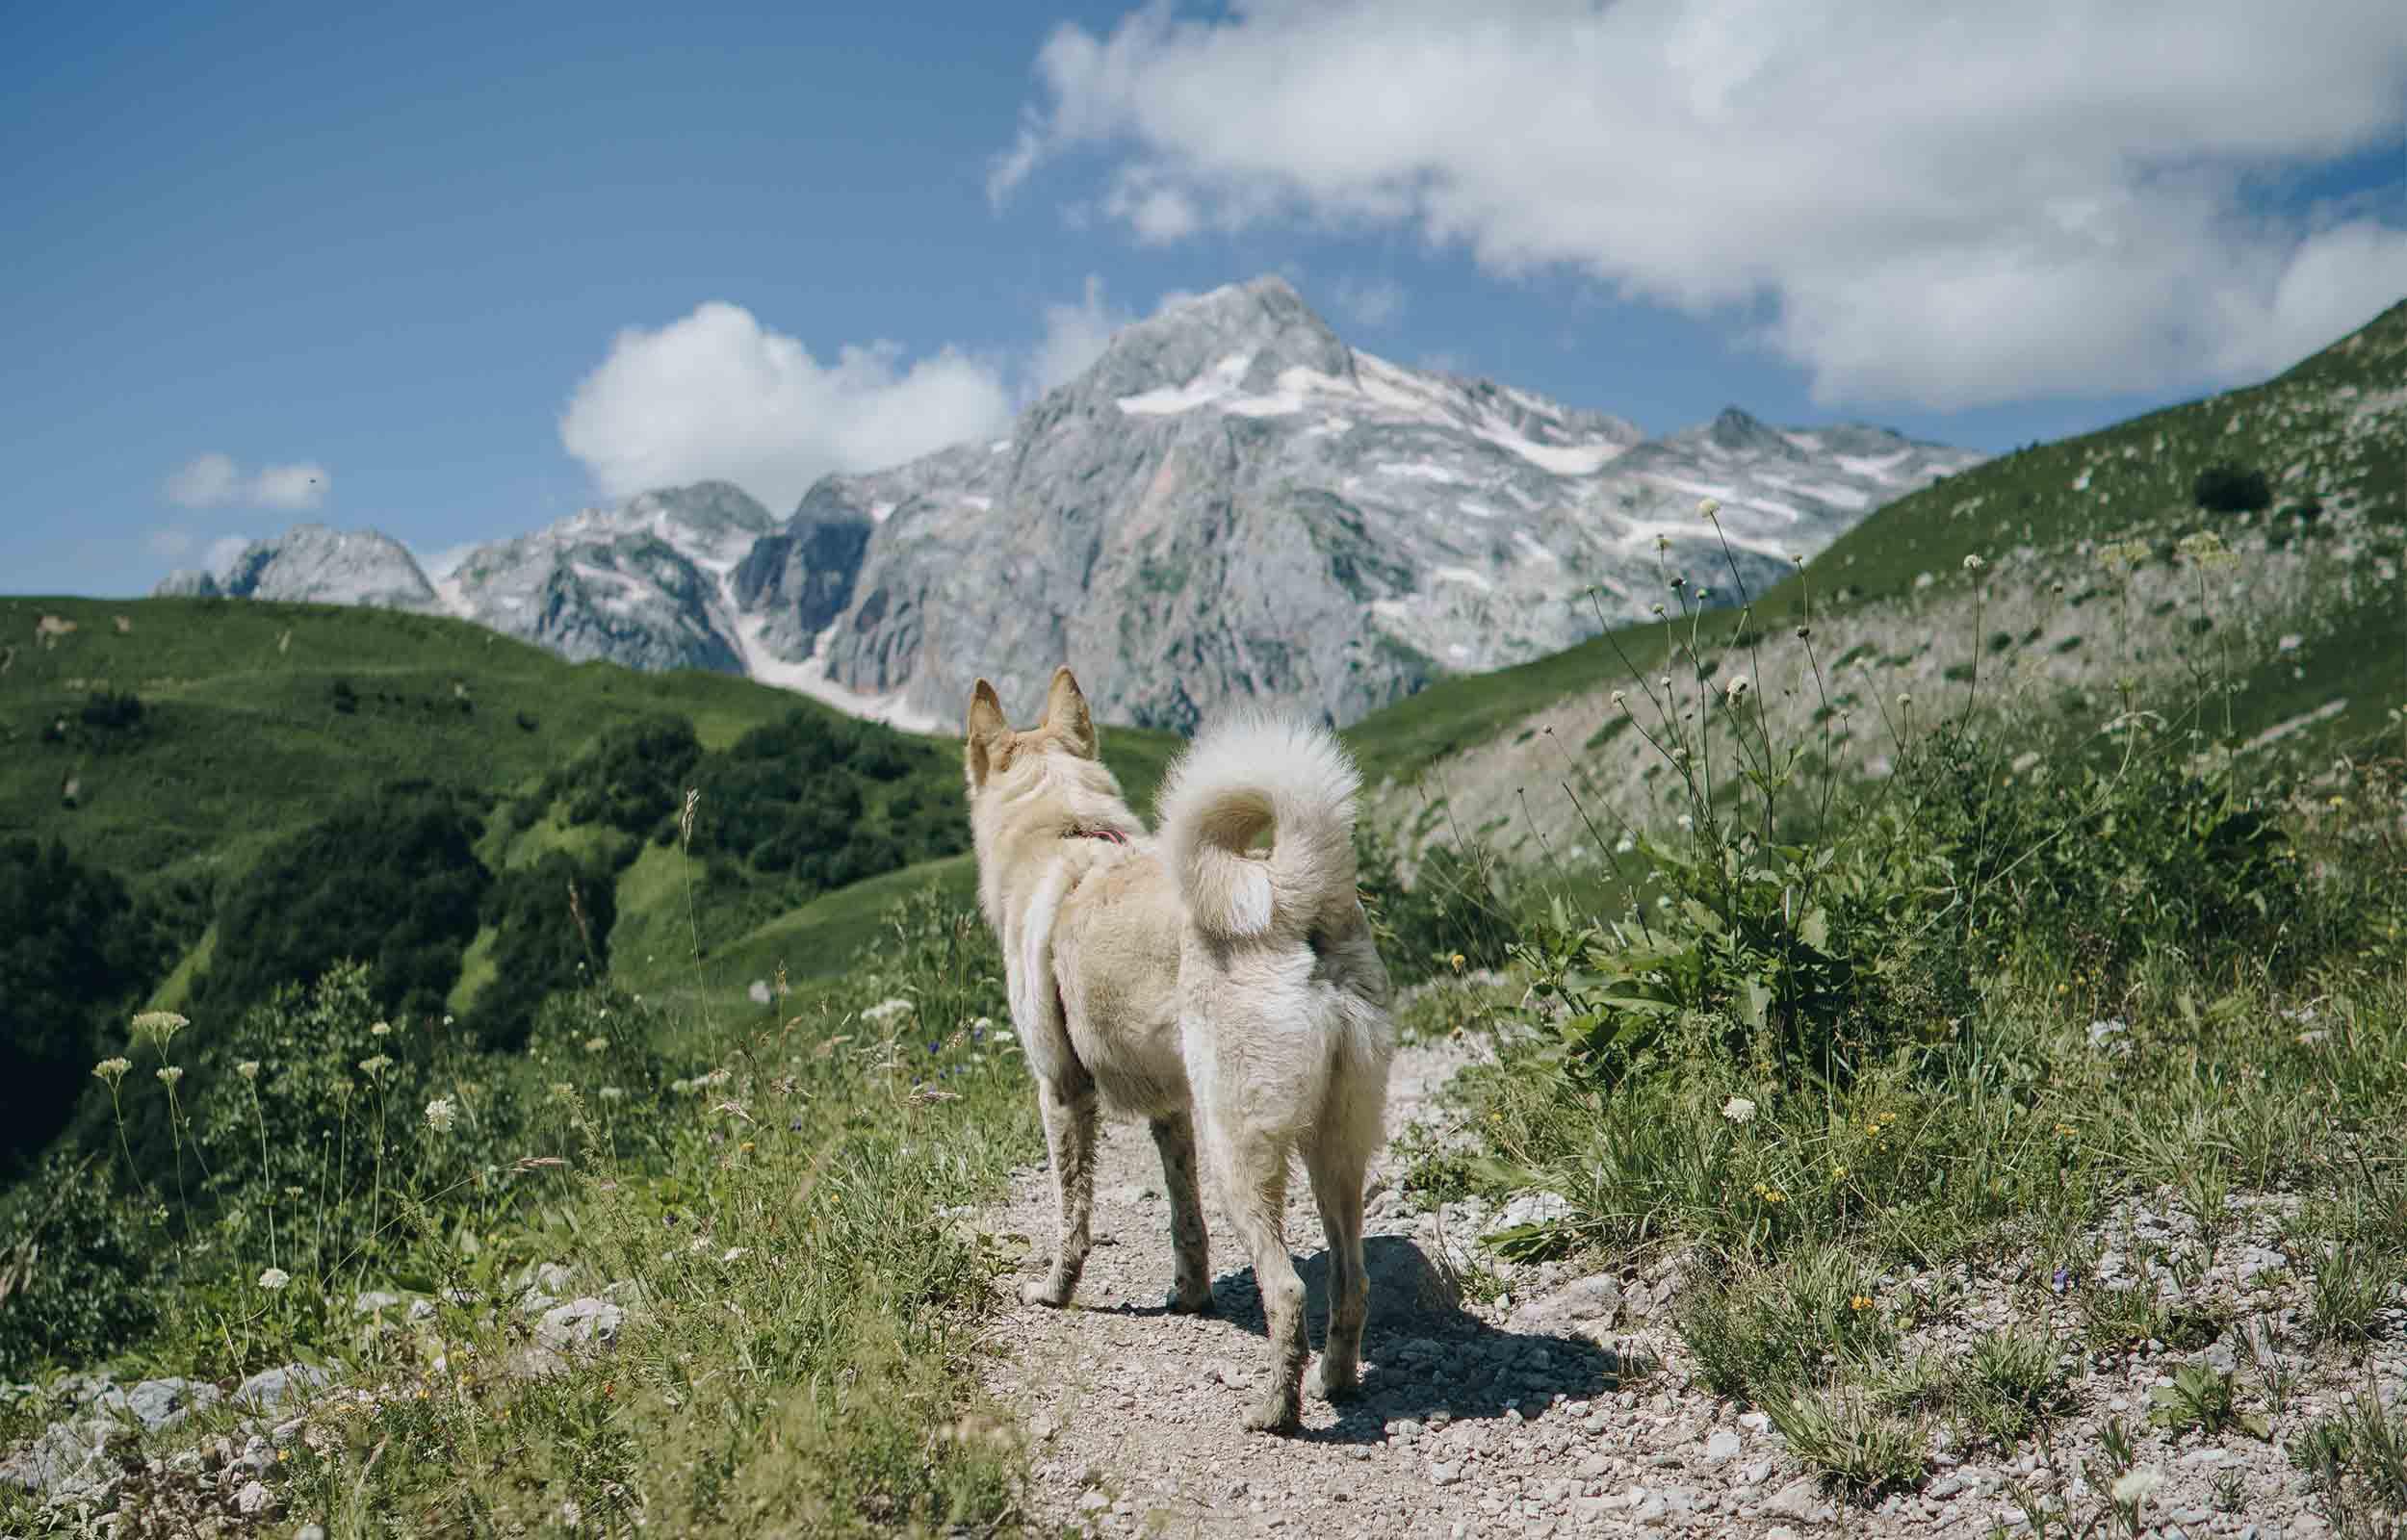 white dog hiking trail towards mountain